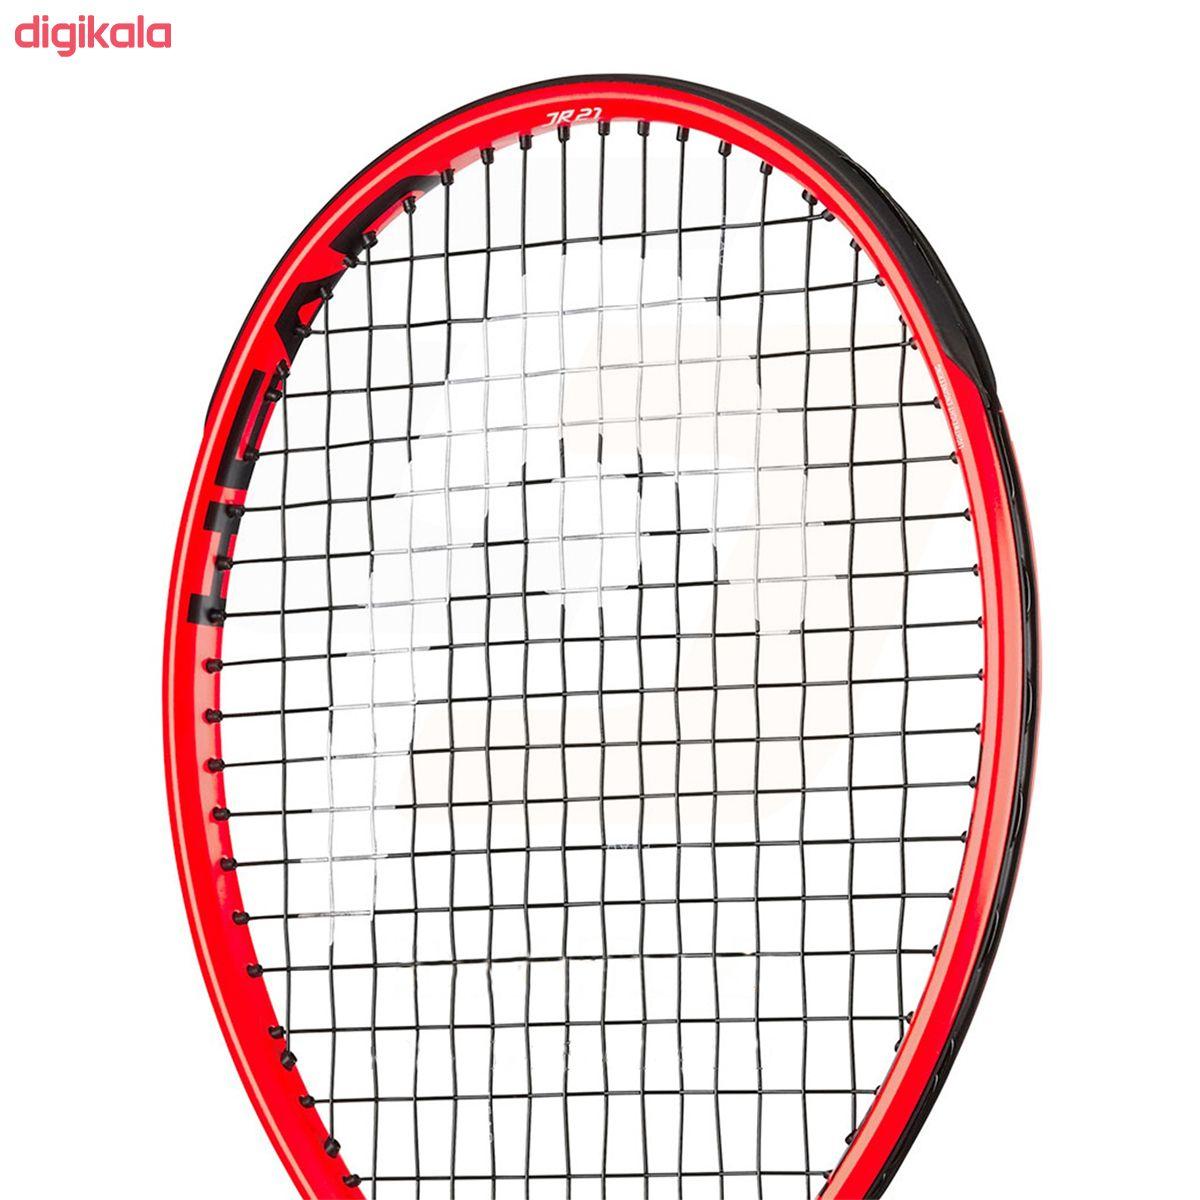 راکت تنیس هد مدل JR 21 کد 5353 main 1 2